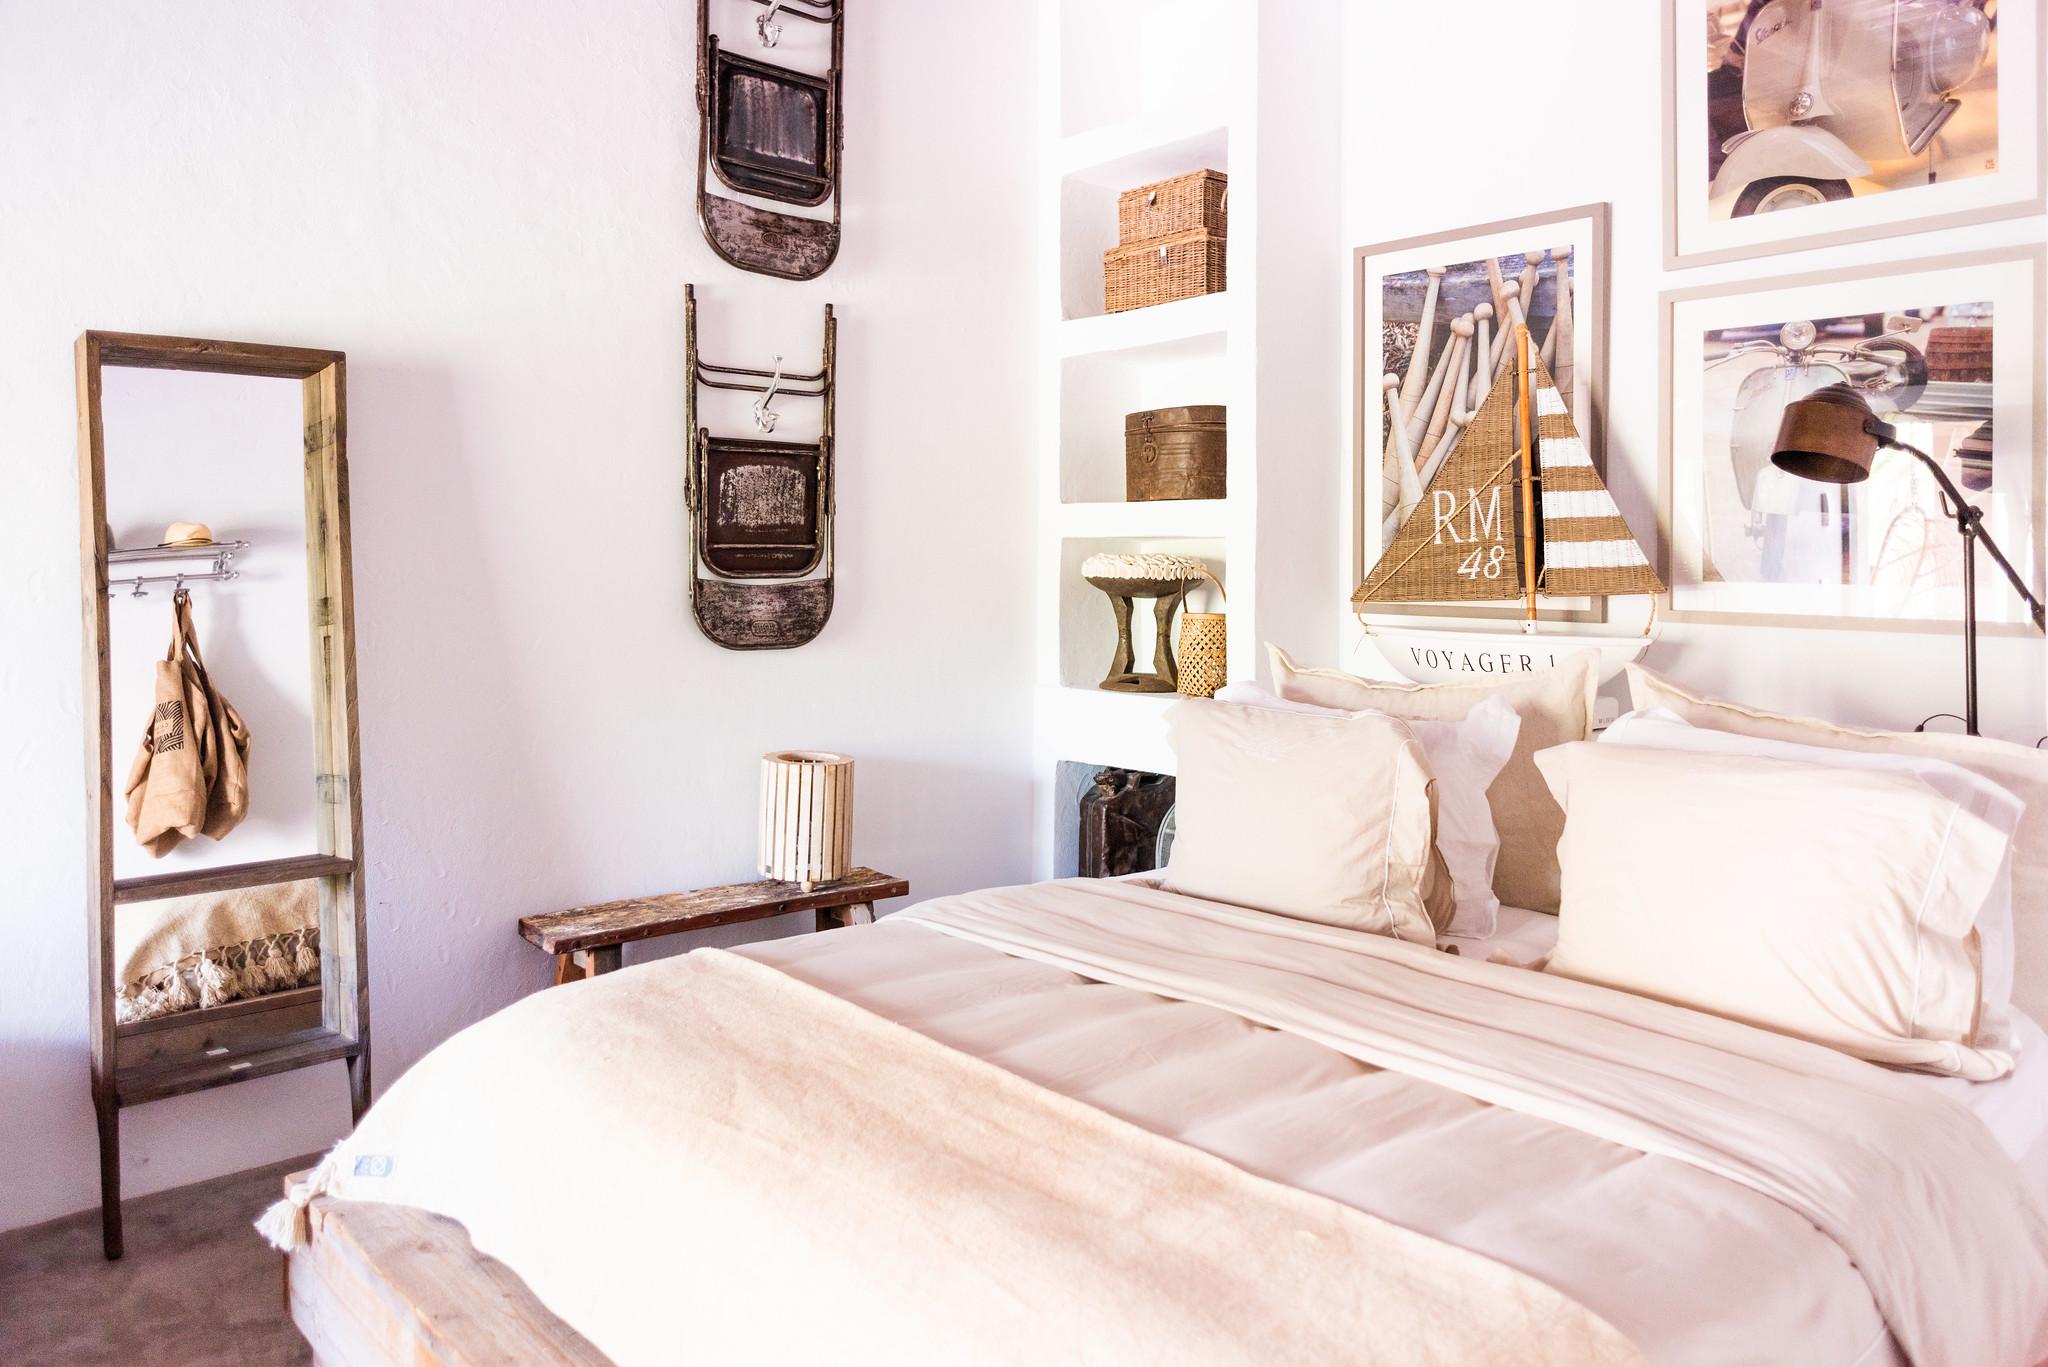 https://www.white-ibiza.com/wp-content/uploads/2020/05/white-ibiza-villas-can-riviere-interior-bedroom2.jpg